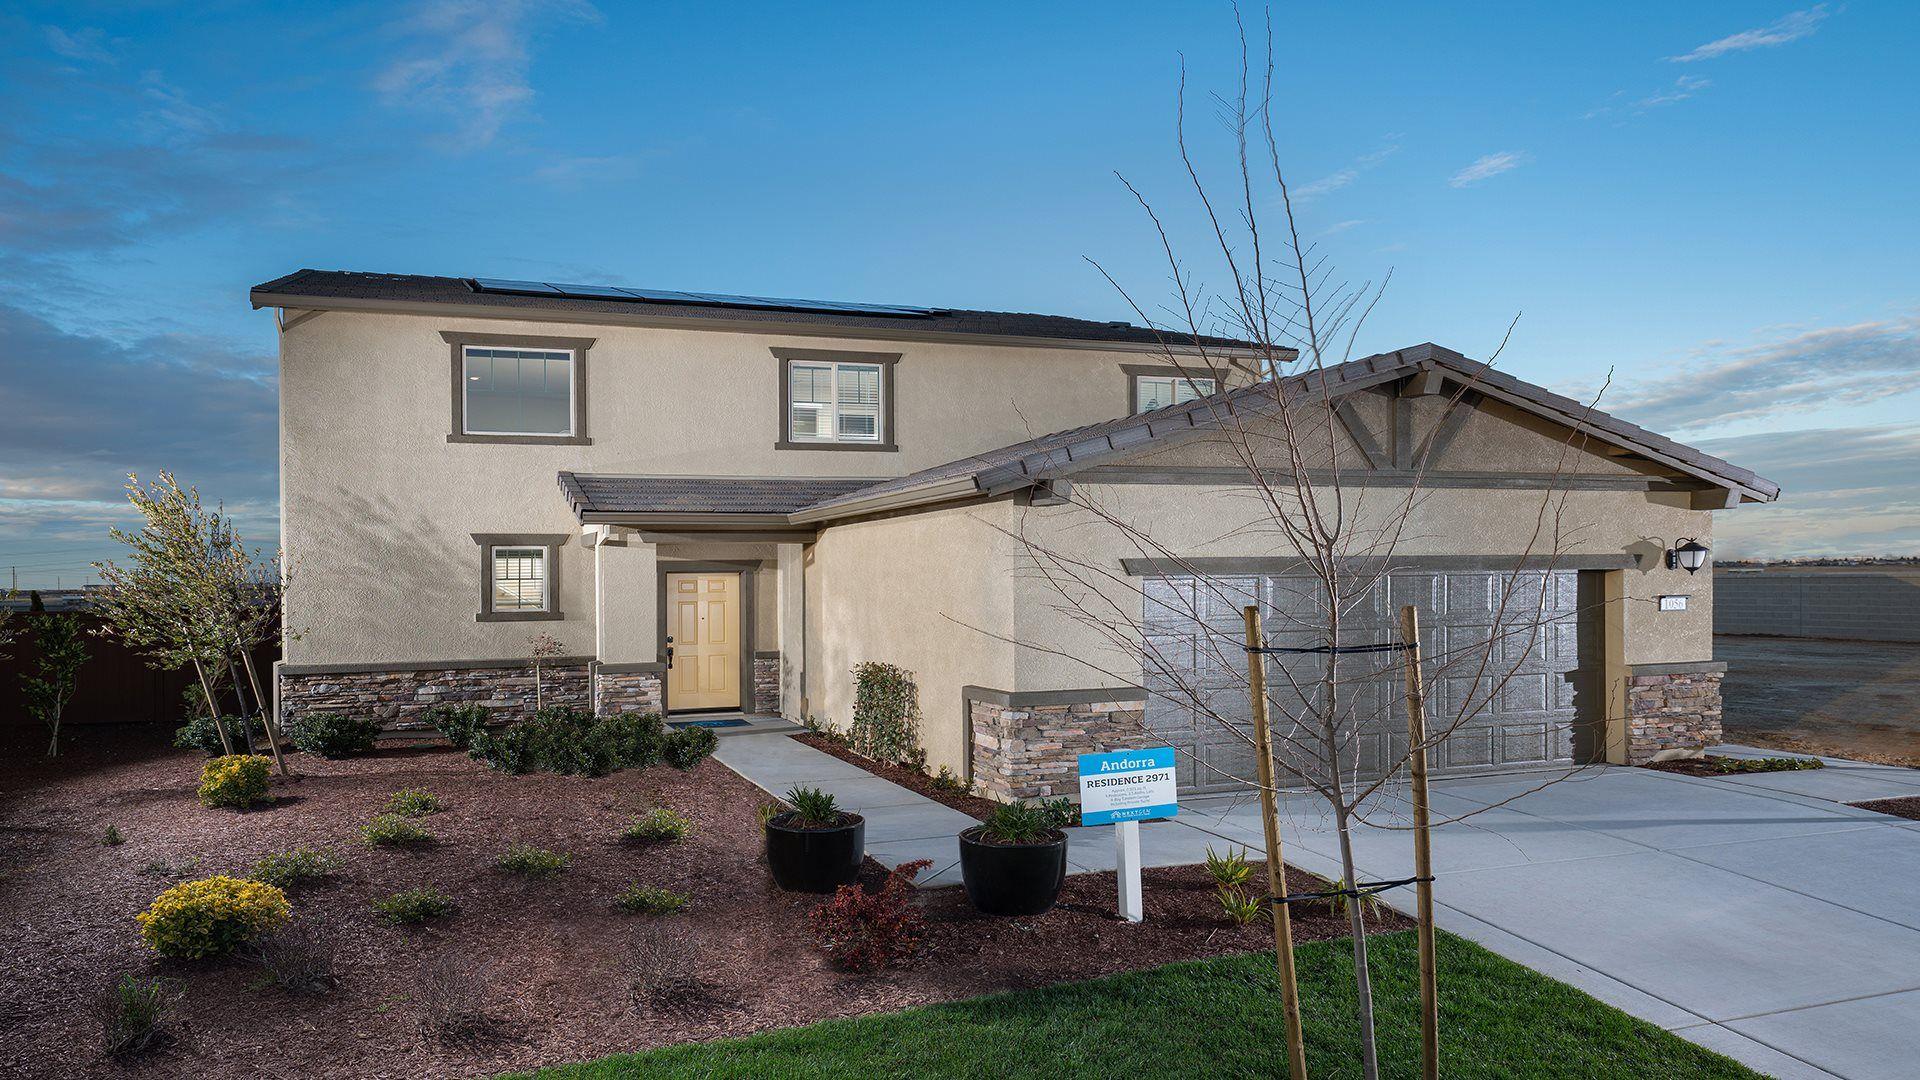 Residence 2971 | Model Home